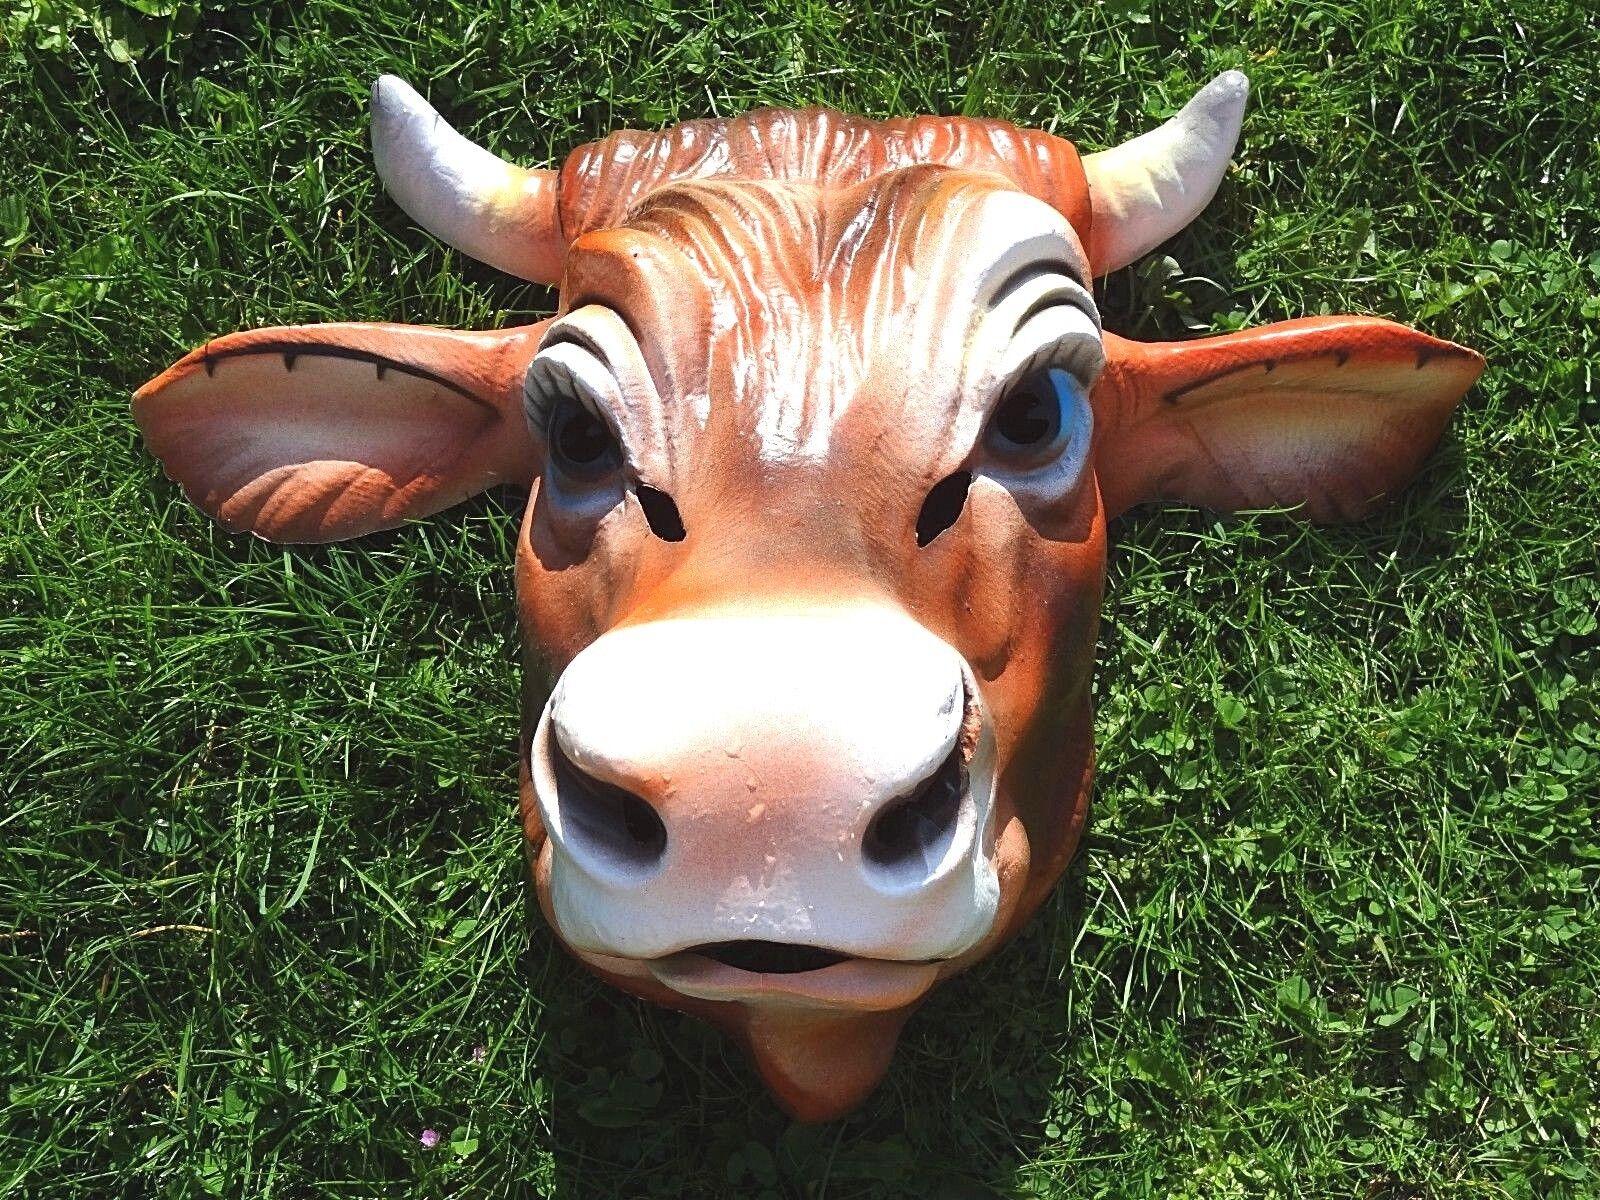 Ancien rare grand masque César  Vache voiturenaval France 1068 - années 60  approvisionnement direct des fabricants